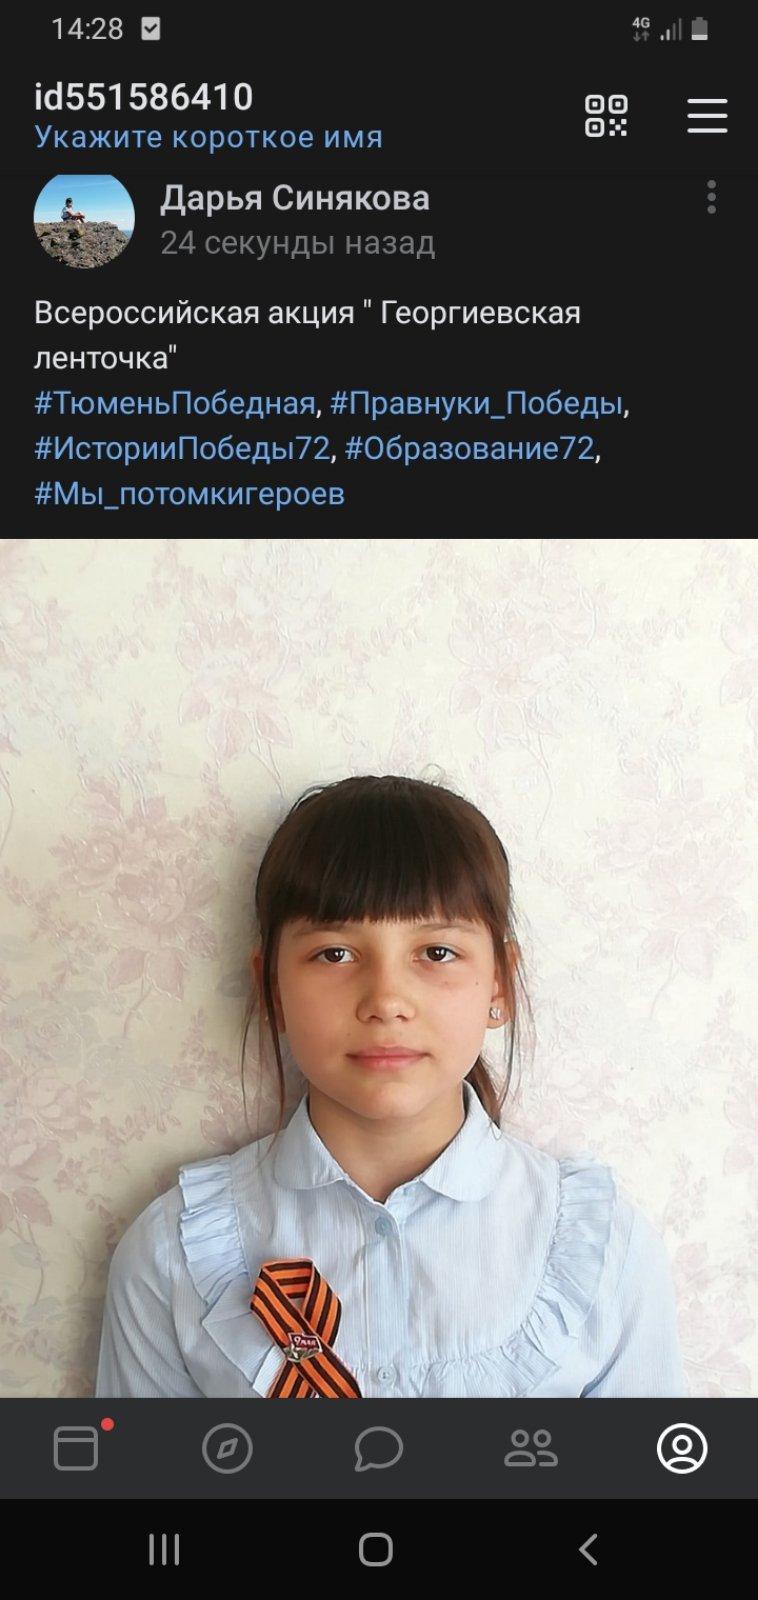 C:\Users\Галина Викторовна\Desktop\Георгиевская ленточка\изображение_viber_2020-05-07_14-42-29.jpg